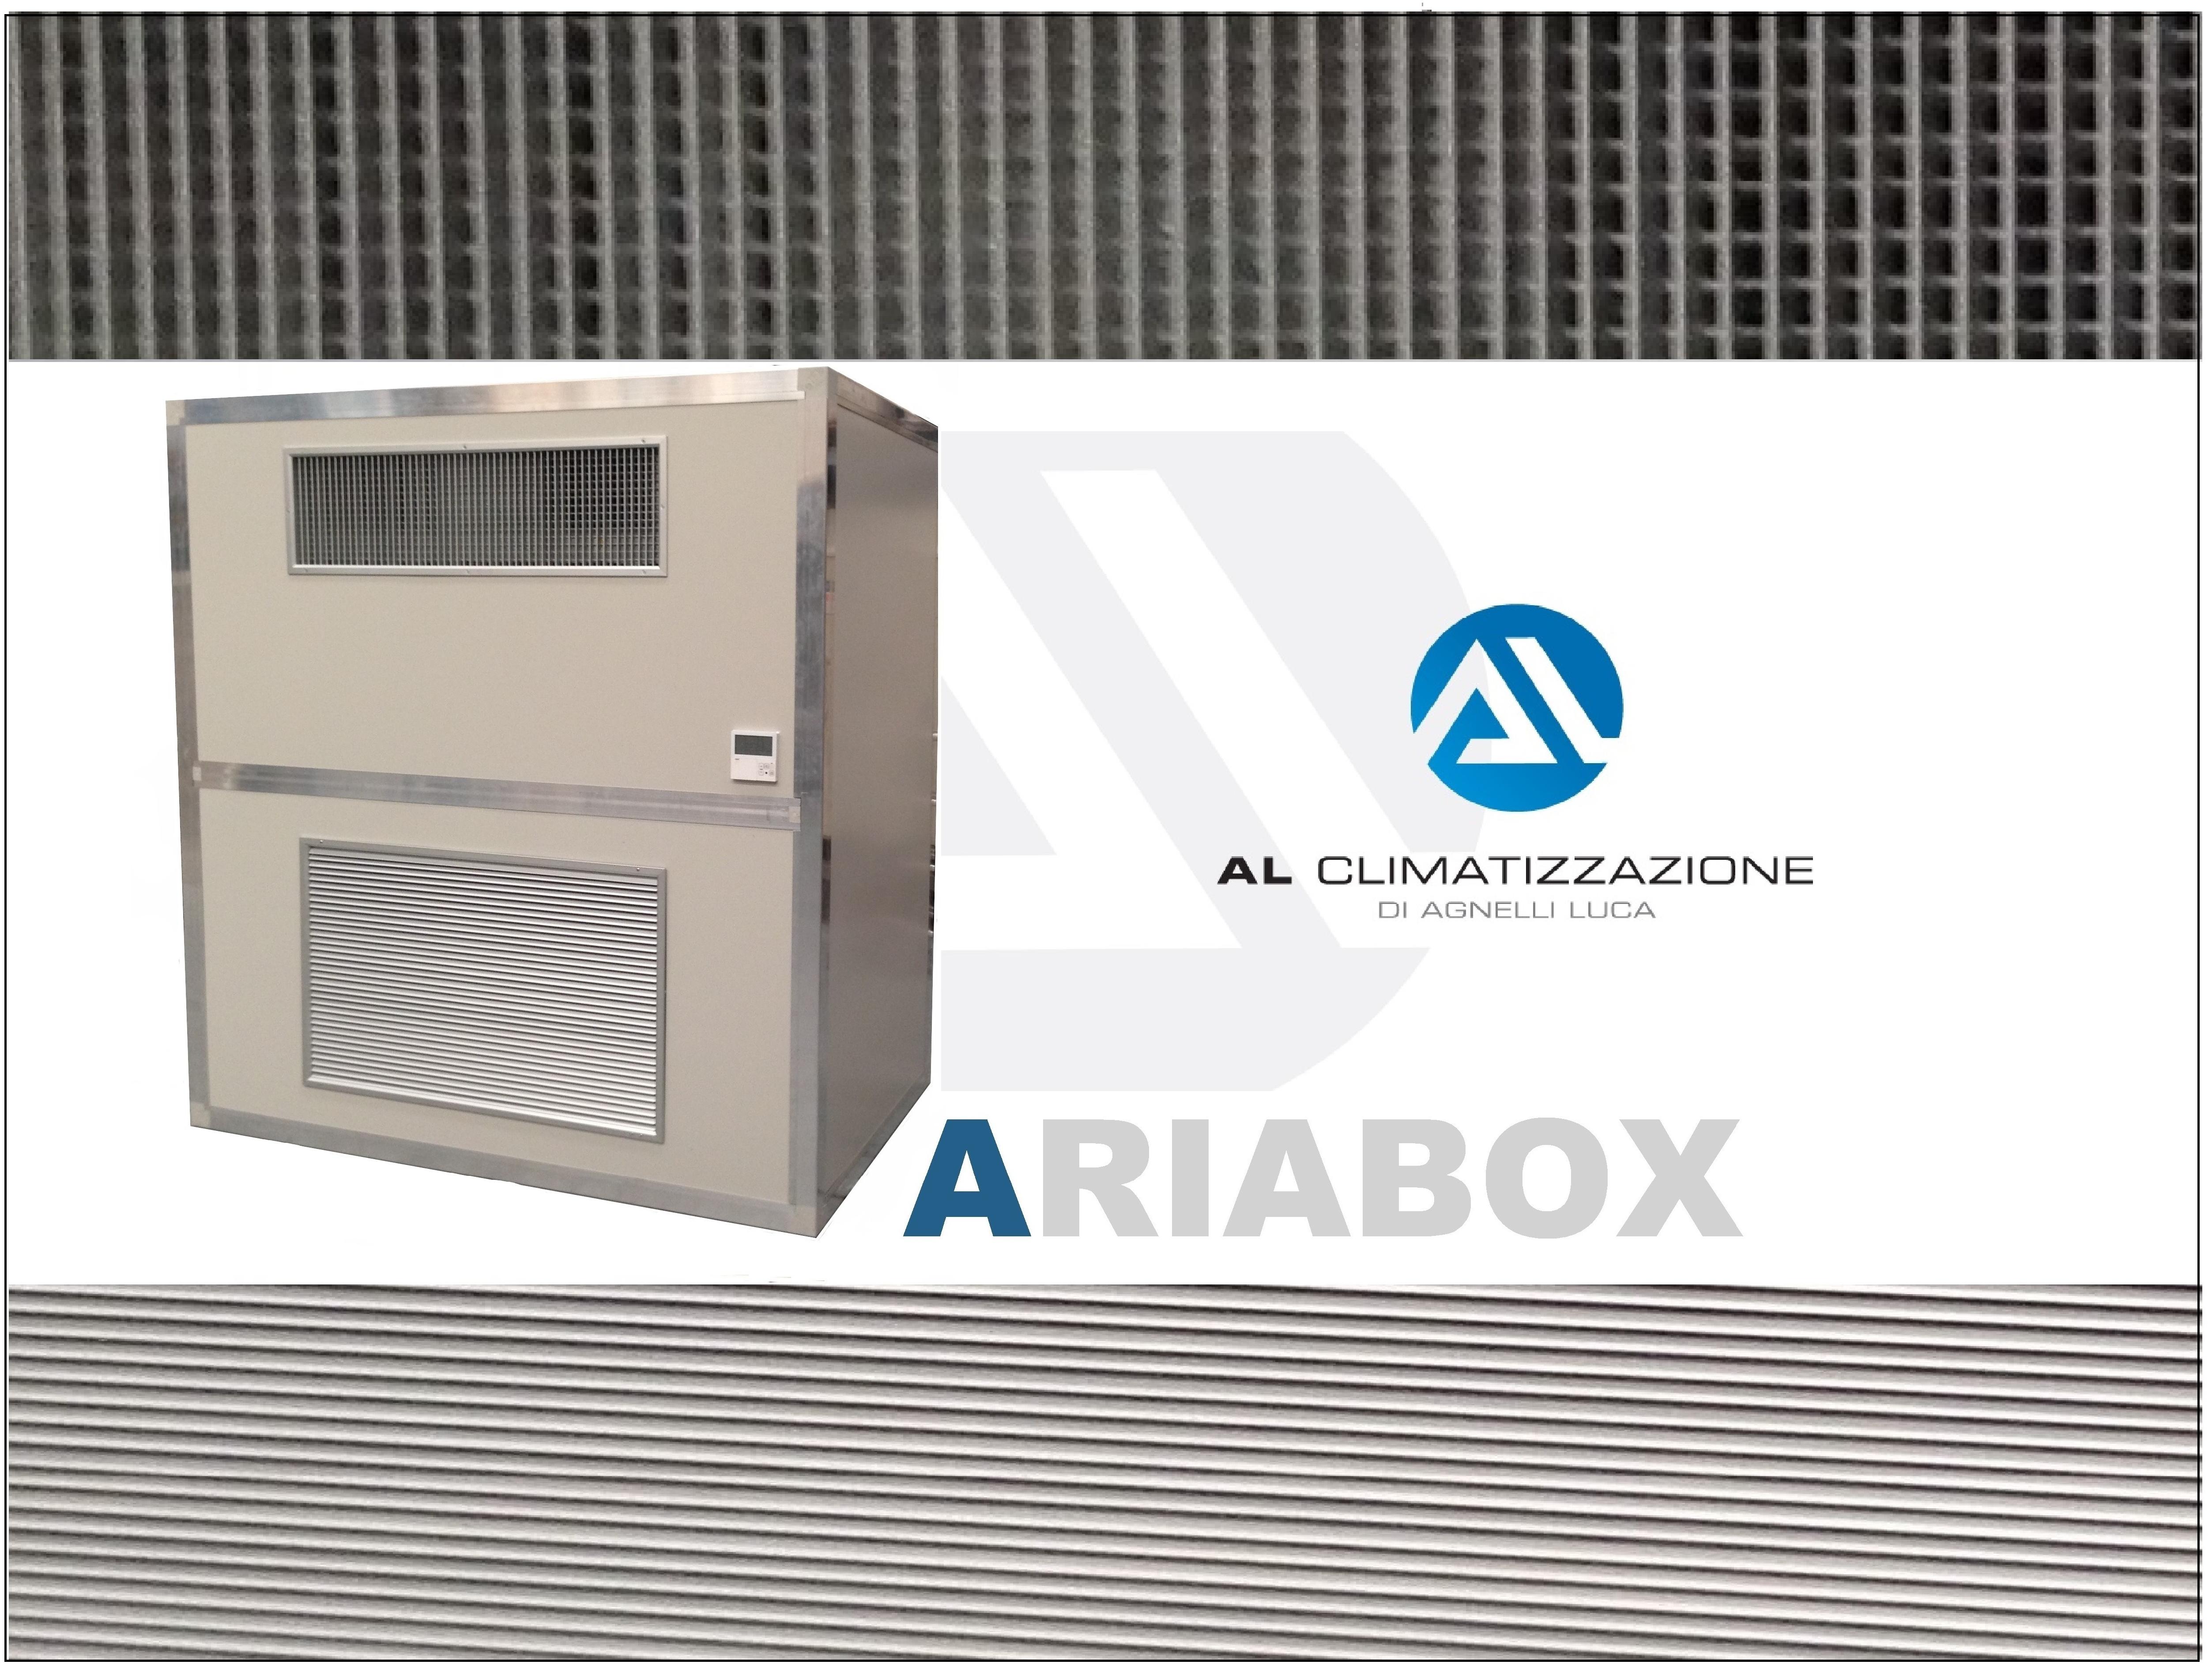 ARIABOX: https://www.facebook.com/Ariabox-Climatizzazione-Grandi-Superfici-1089156351108604/